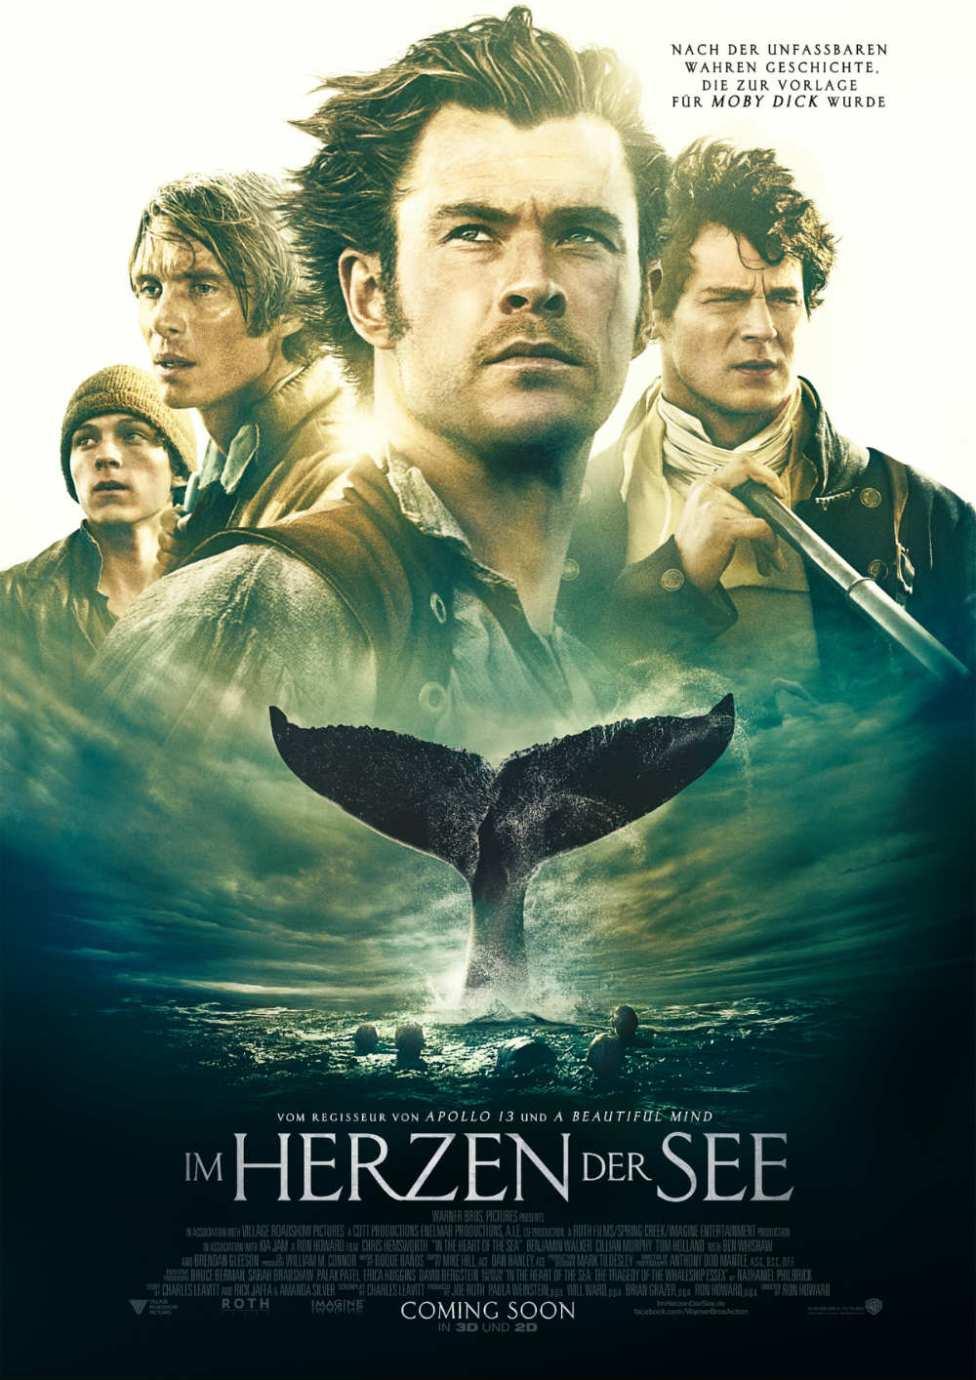 Im-Herzen-der-See-3D-deutsches-poster